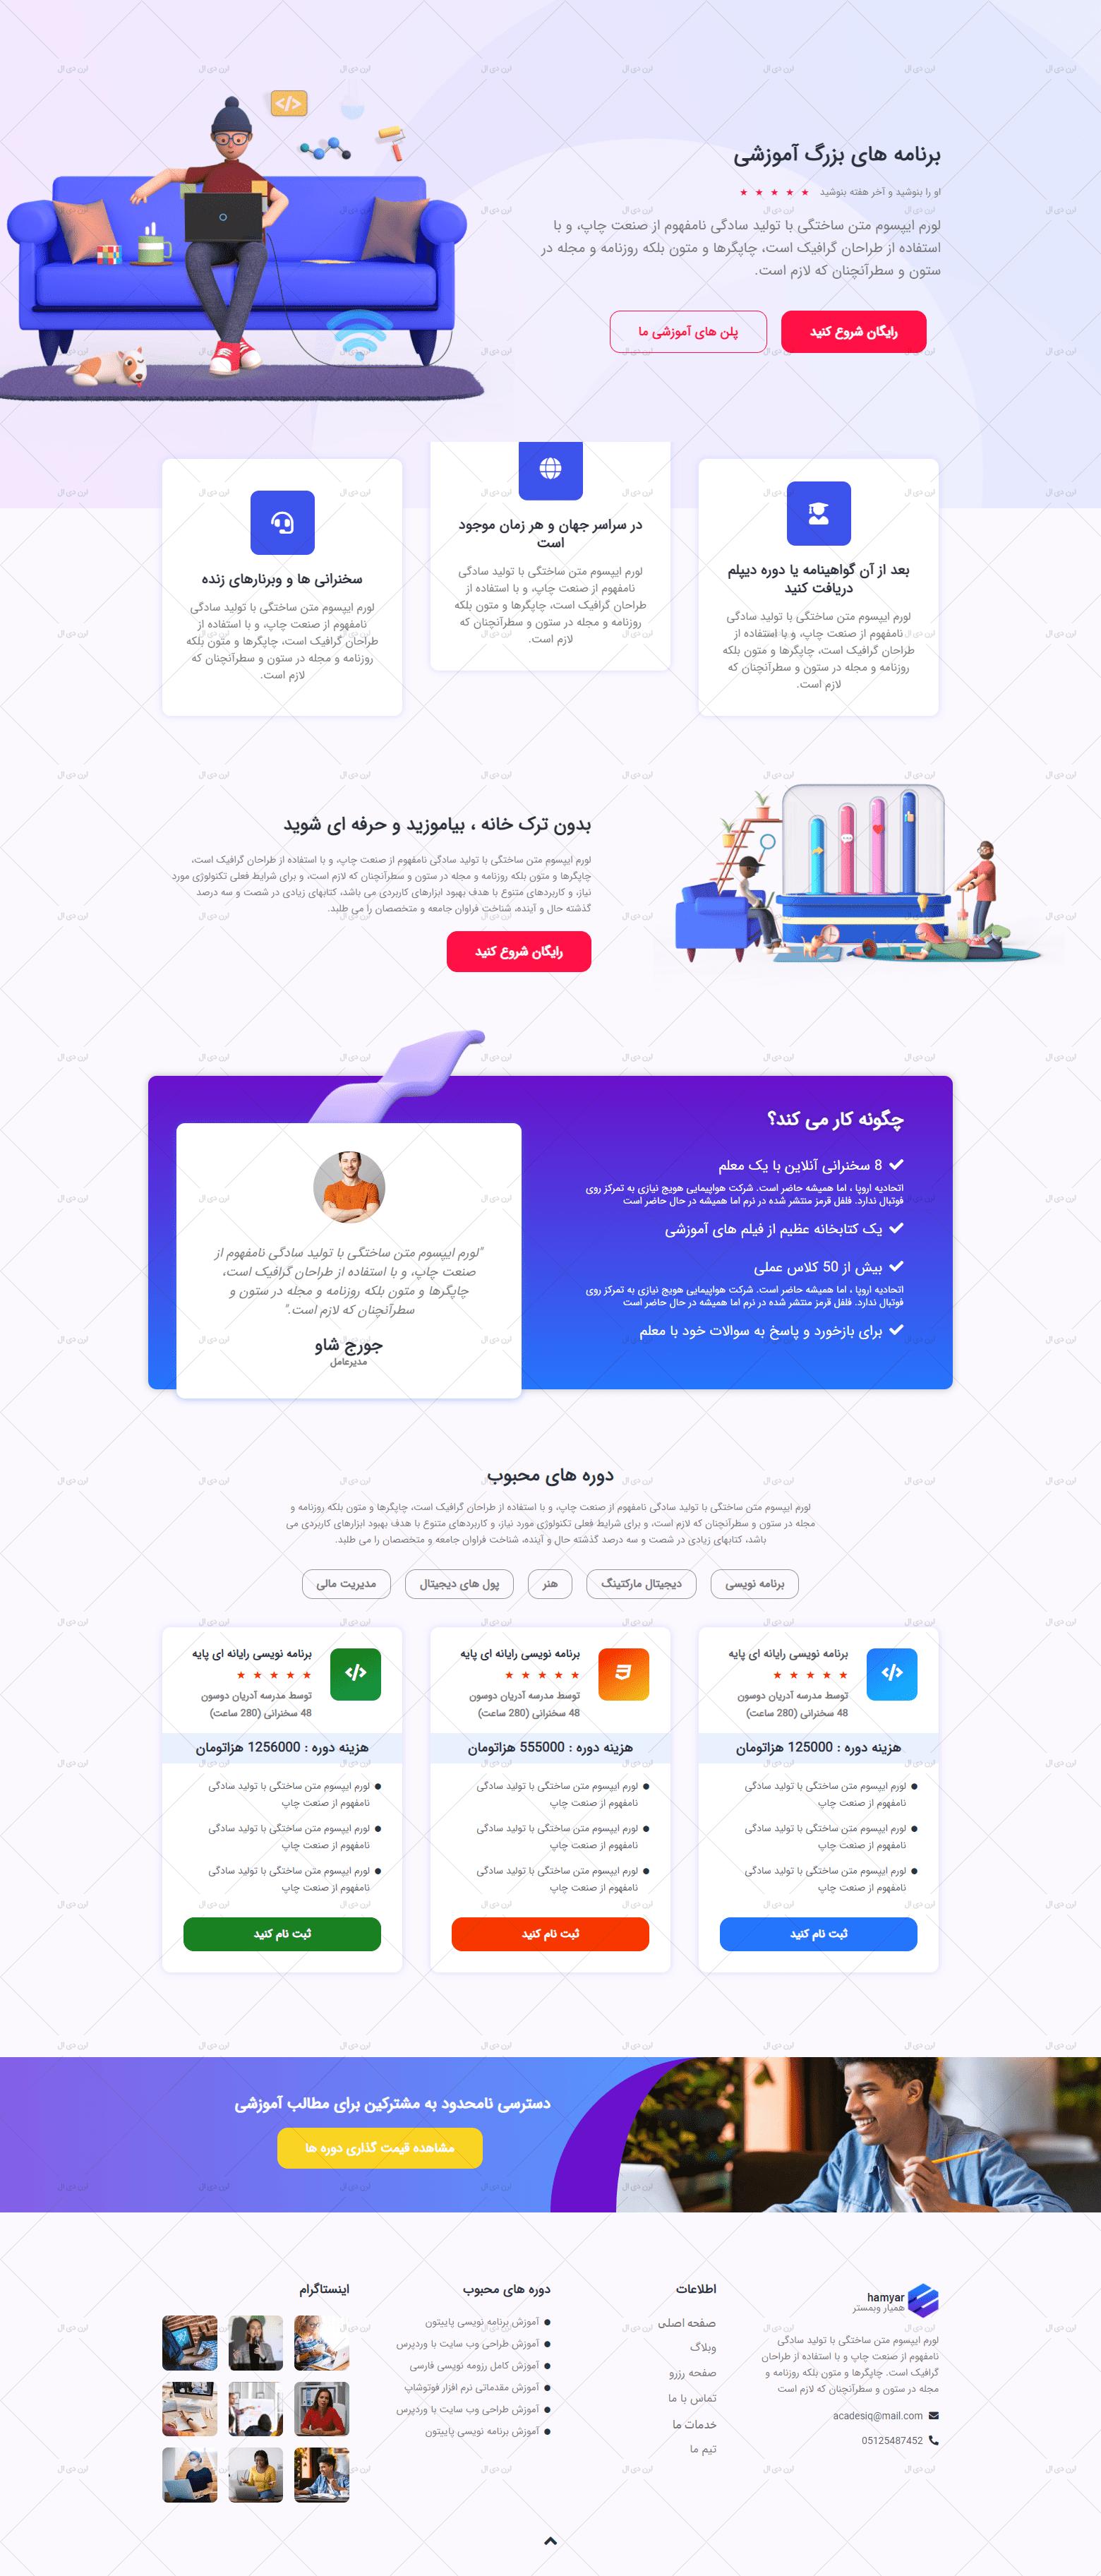 دمو فارسی افزونه المنتور  برای سایت های آموزشی